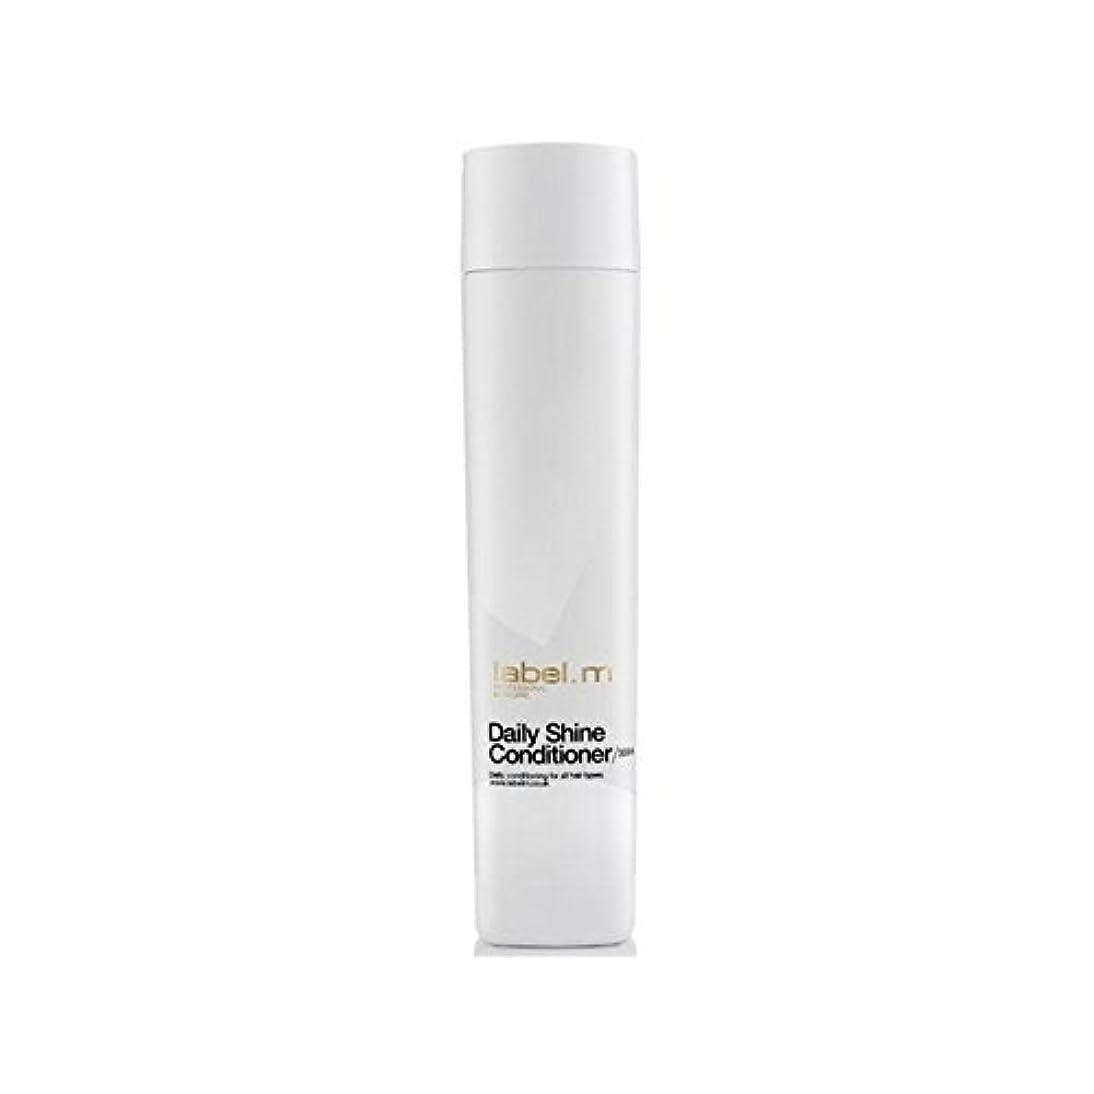 人形資料チラチラするLabel.M Daily Shine Conditioner (300ml) (Pack of 6) - .毎日シャインコンディショナー(300ミリリットル) x6 [並行輸入品]